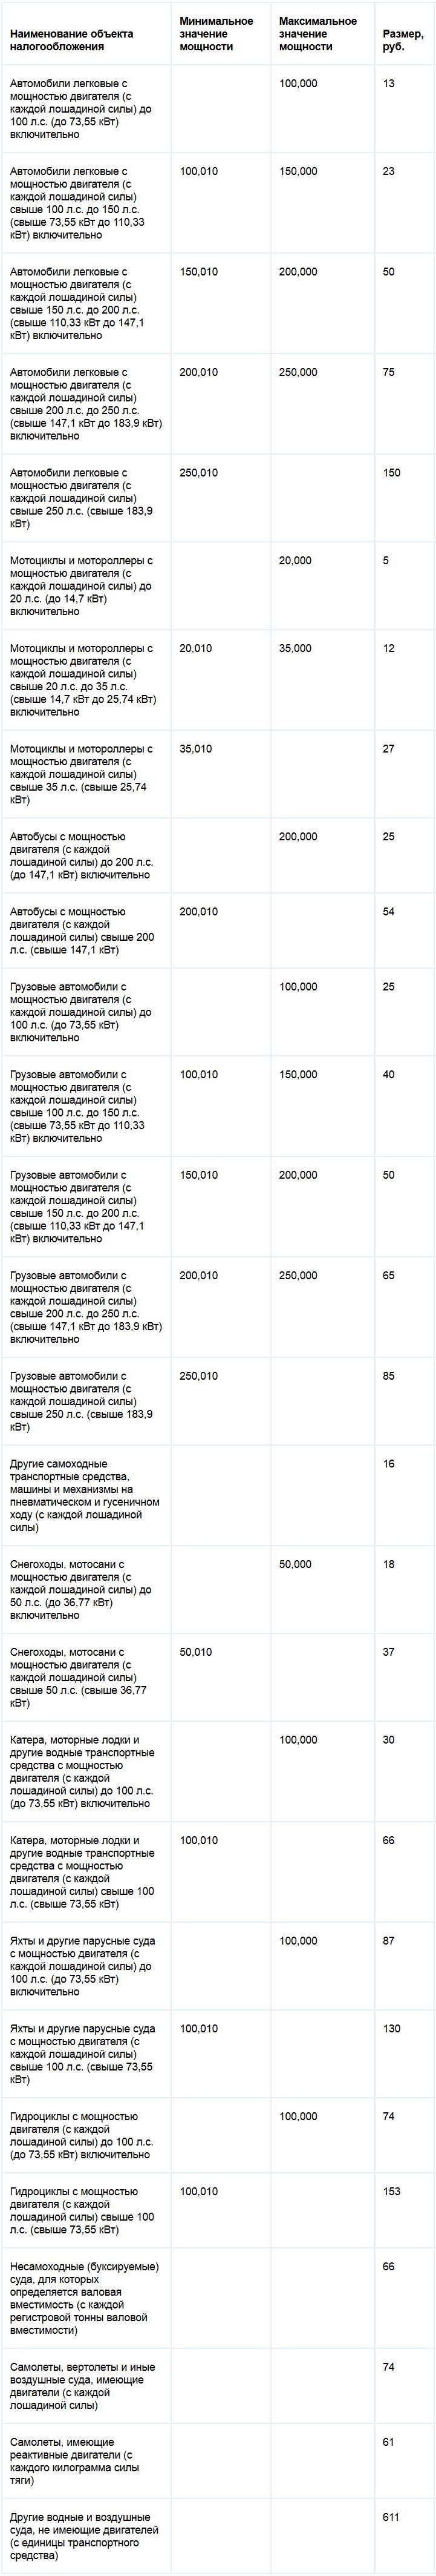 Ставки транспортного налога Чувашской республики